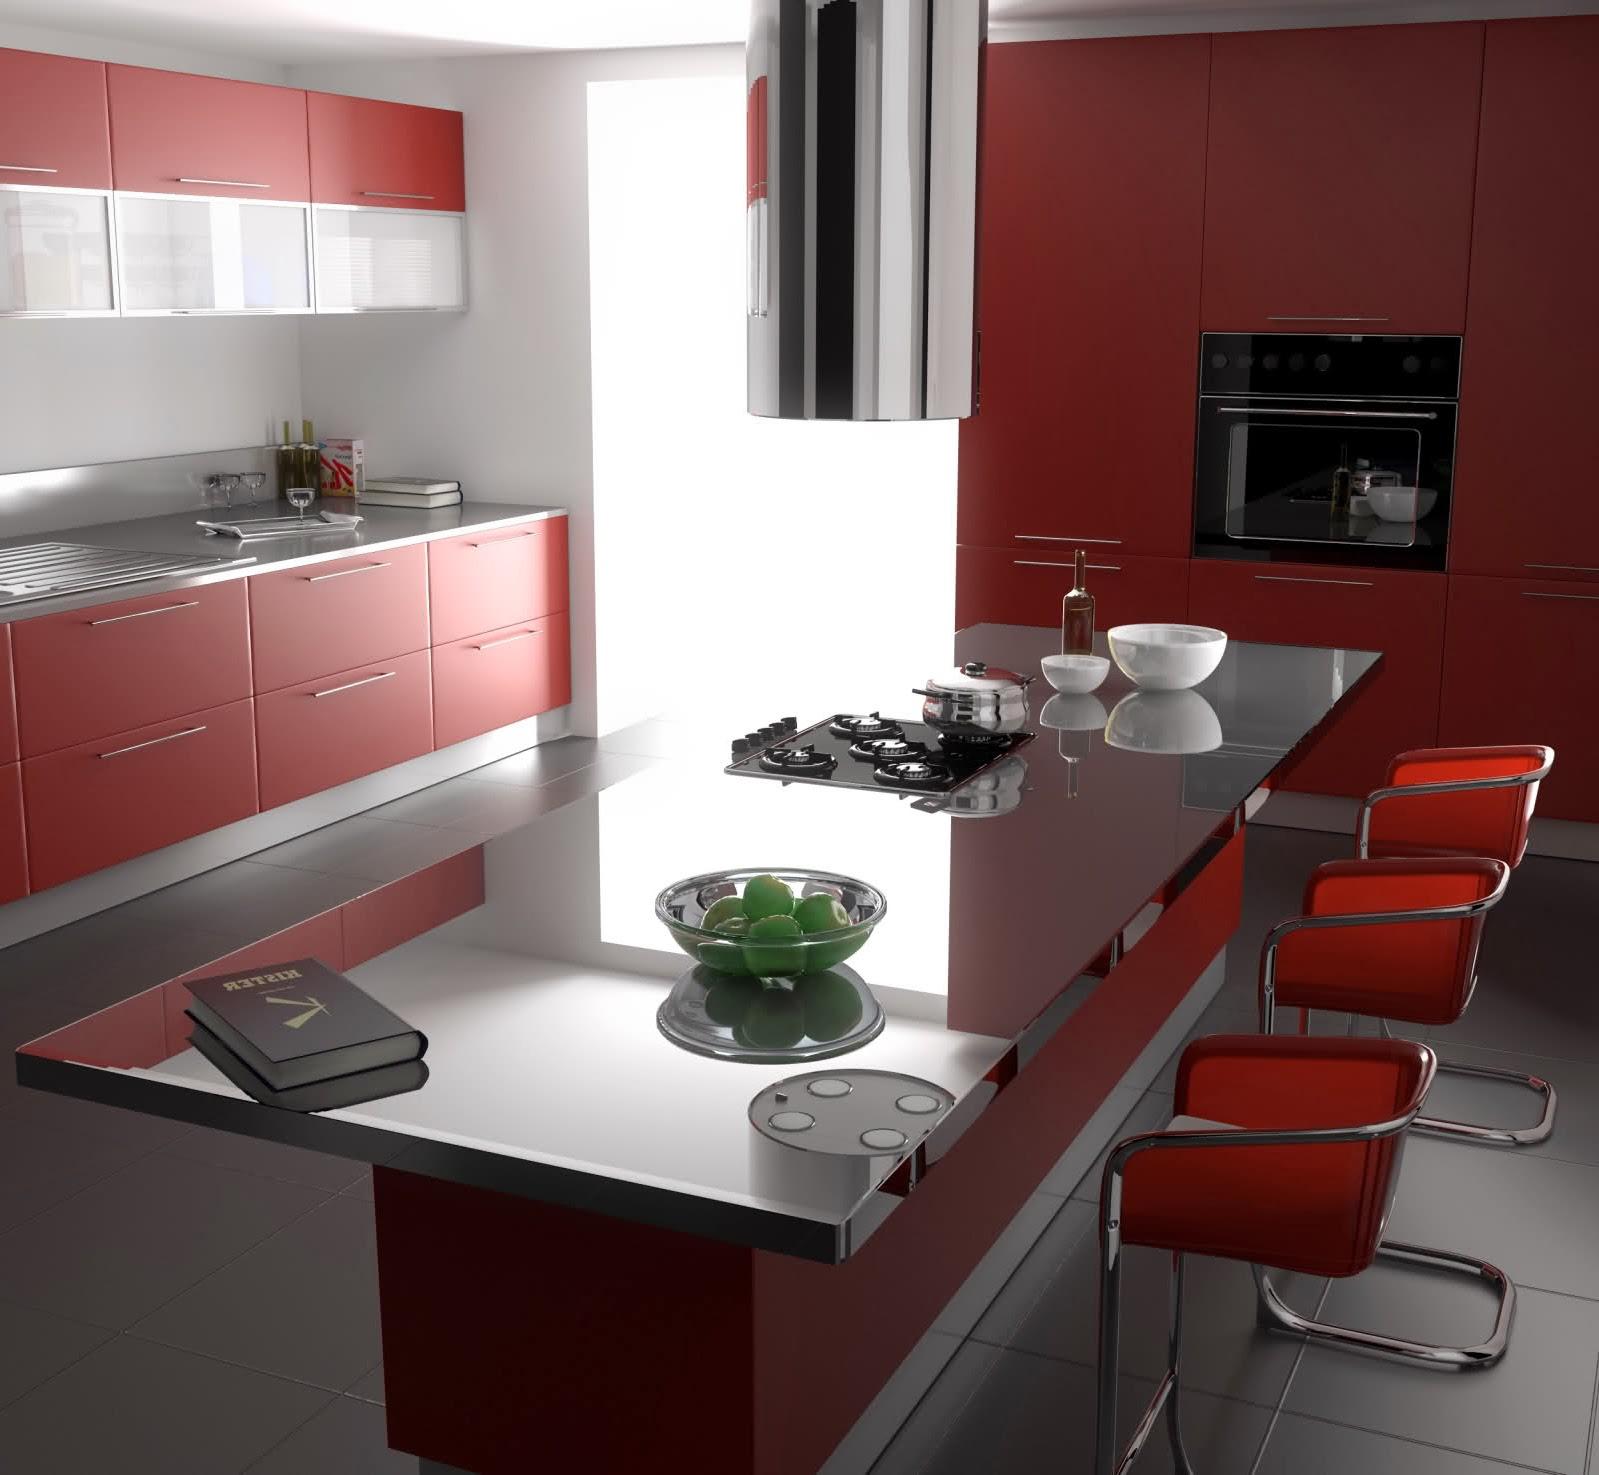 Desain Interior Ruang Makan Modern Untuk Ruangan Kecil